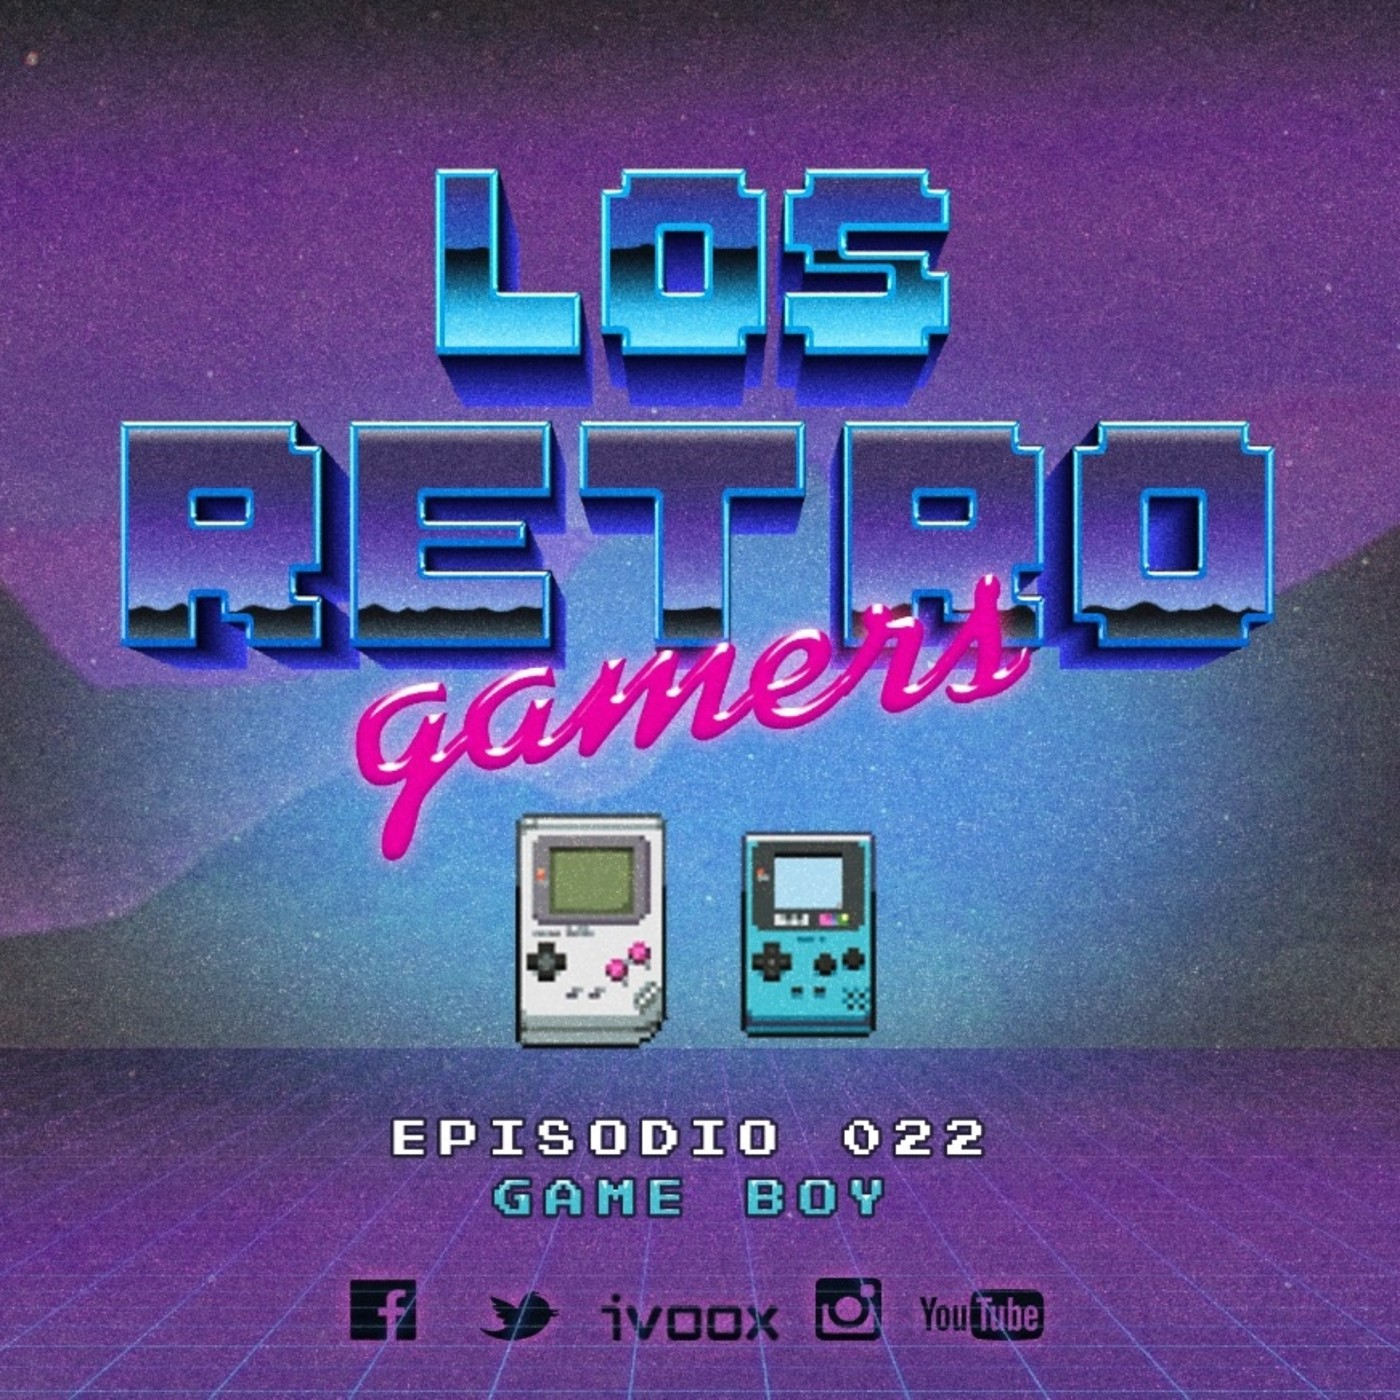 Los Retro Gamers T2 Episodio 022 - Consolas Portátiles cap. 1 Game Boy